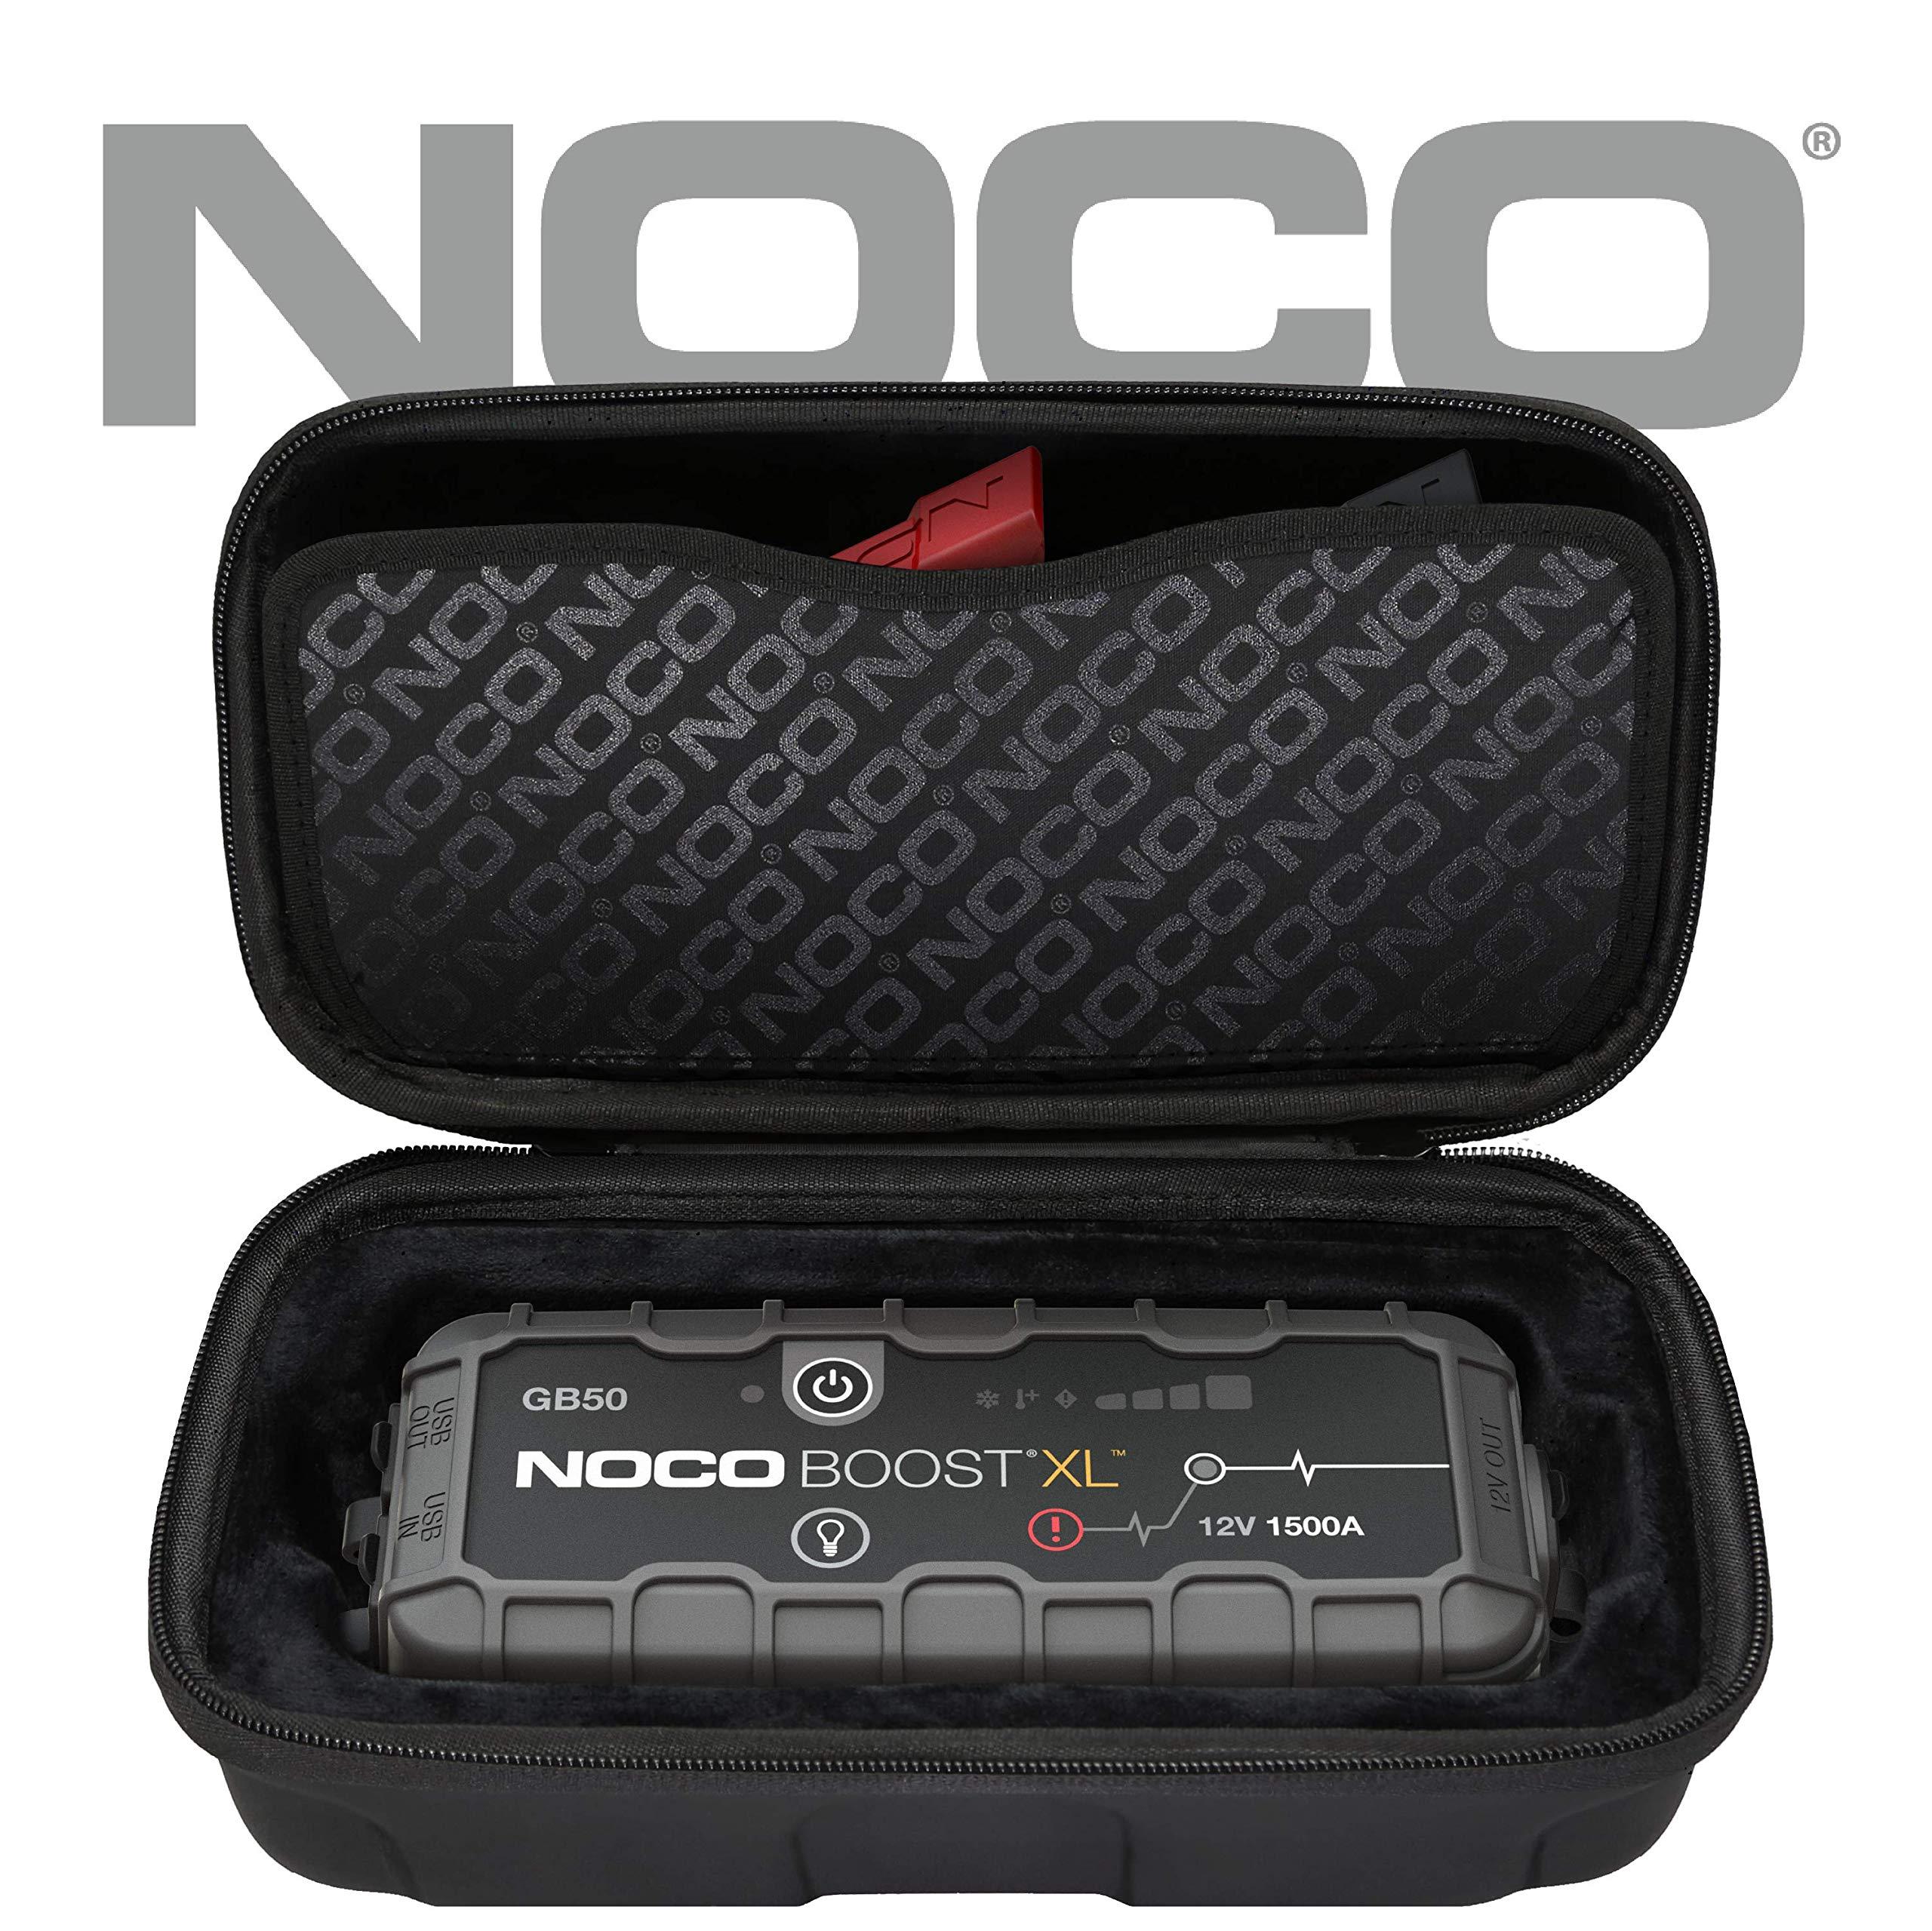 NOCO GBC017 Boost XL EVA Protection Case by NOCO